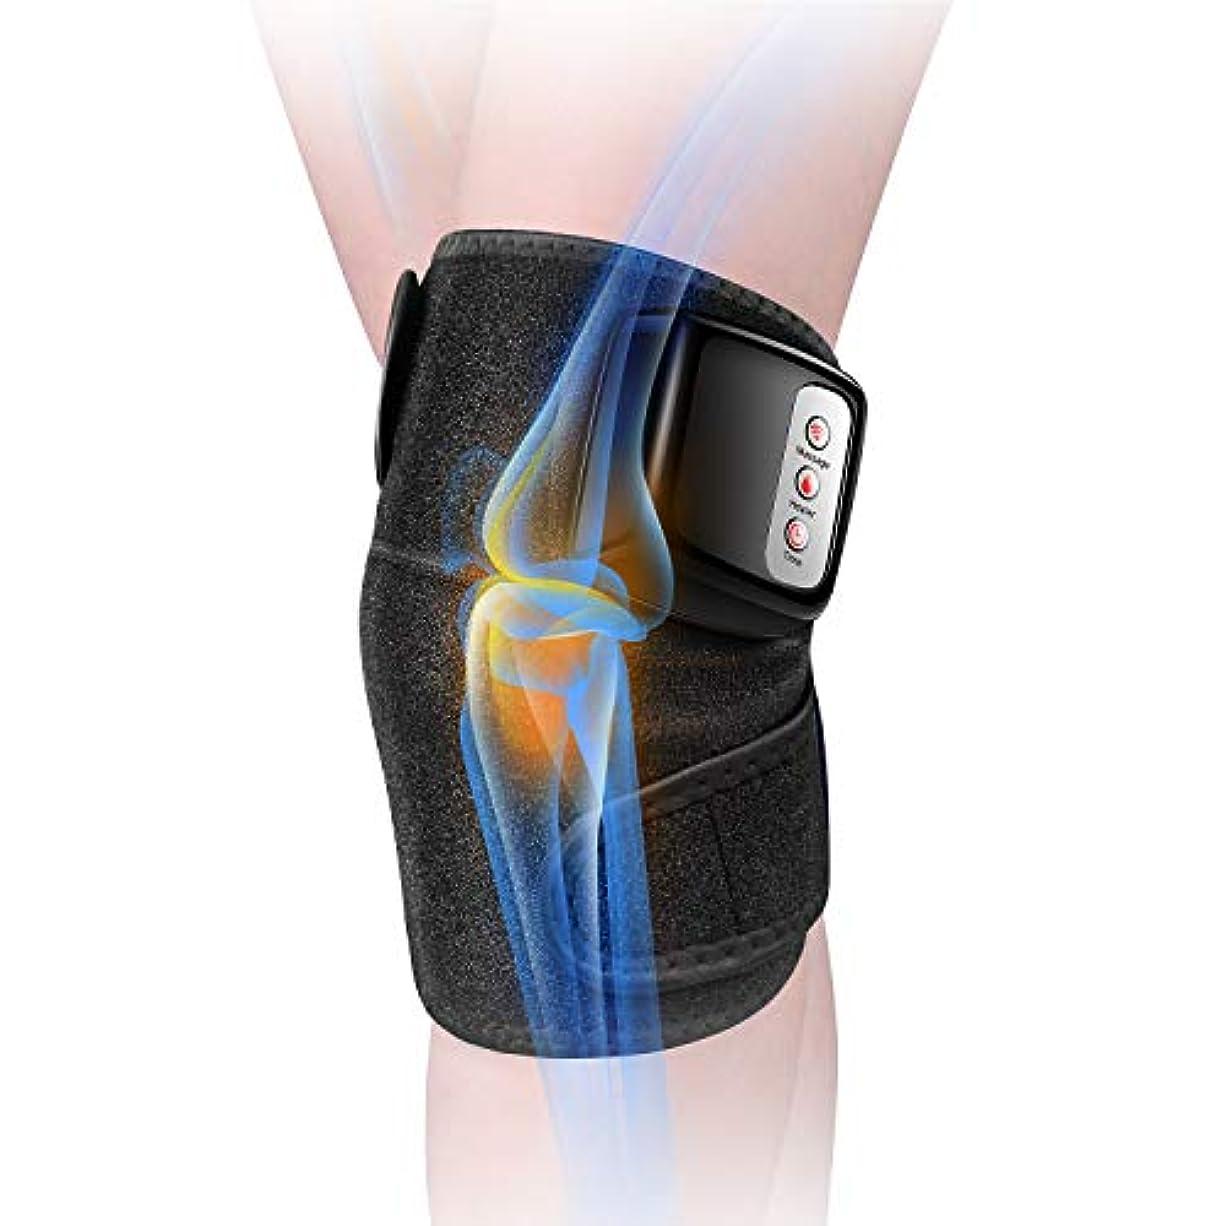 否認する重さ交響曲膝マッサージャー 関節マッサージャー マッサージ器 フットマッサージャー 振動 赤外線療法 温熱療法 膝サポーター ストレス解消 肩 太もも/腕対応